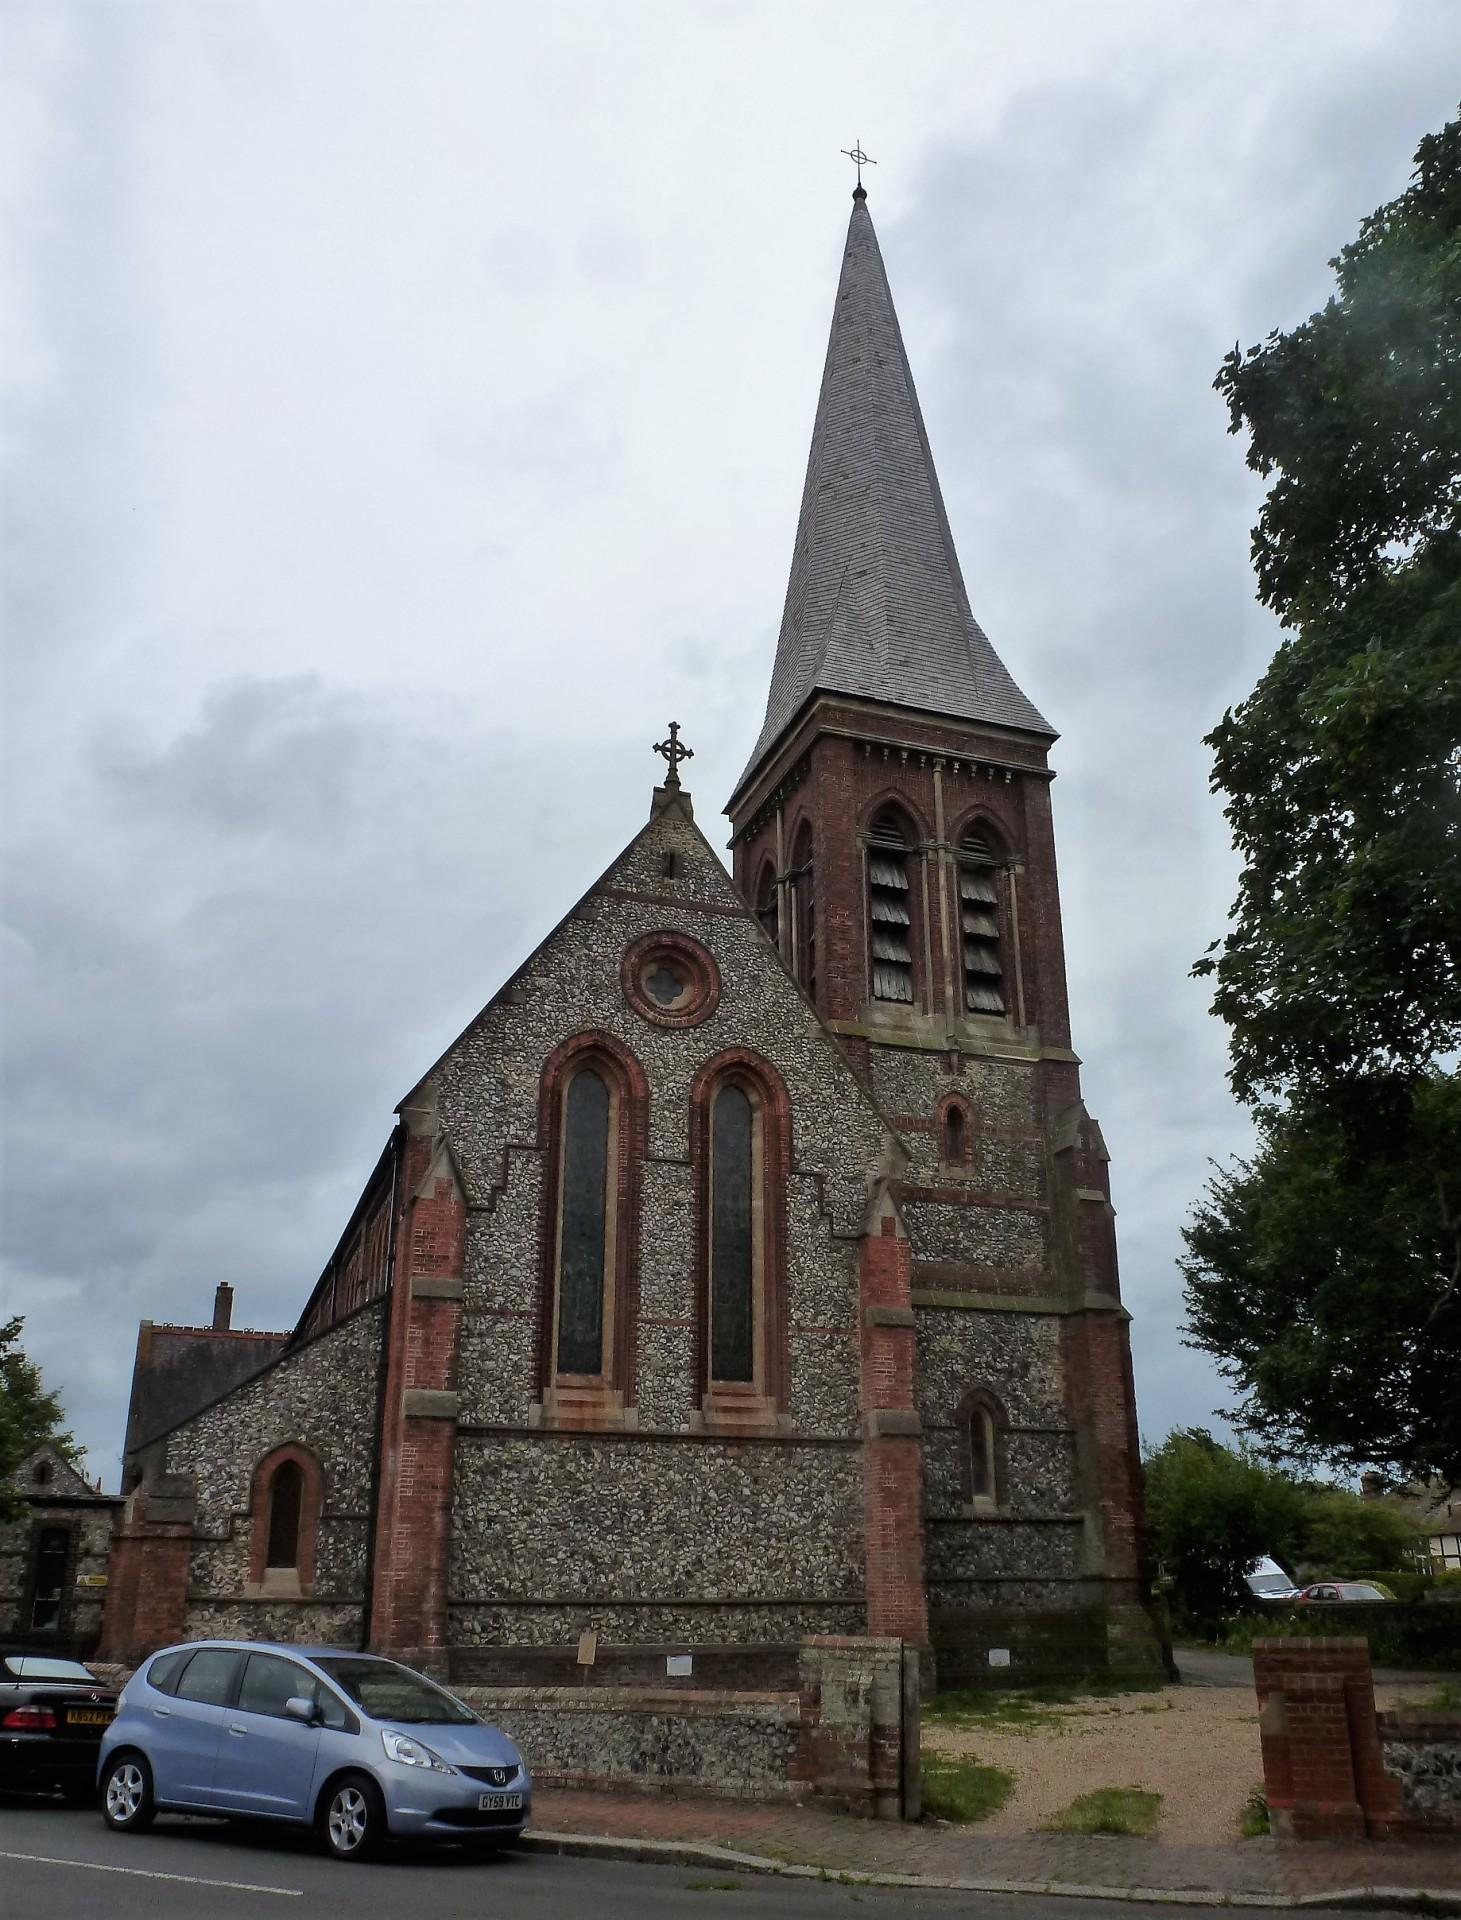 St. Botolph's Heene